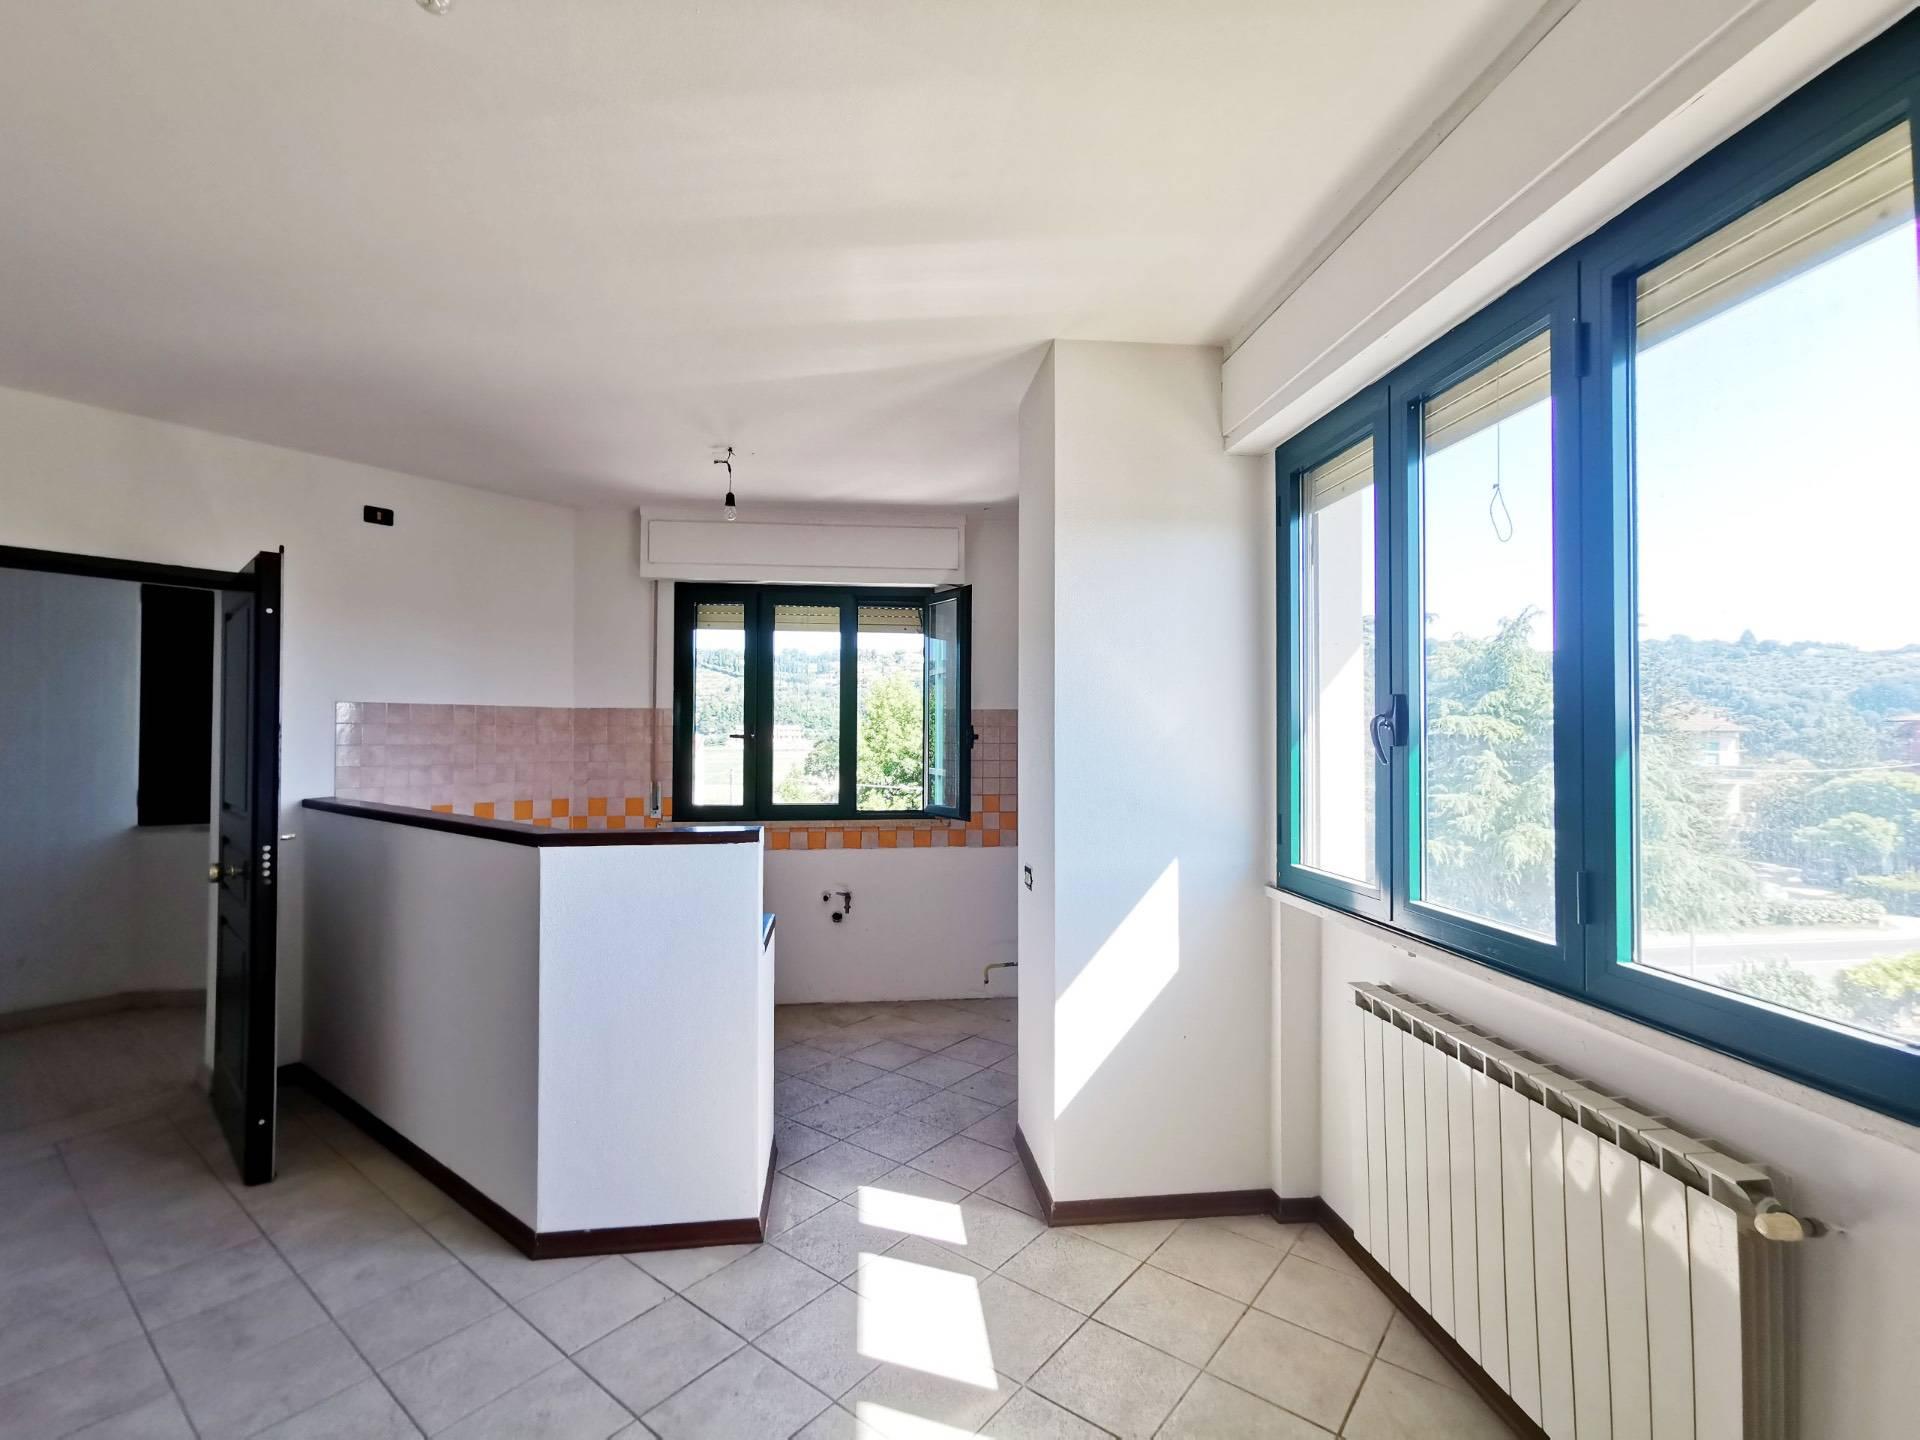 Appartamento in vendita a Santa Maria a Monte, 3 locali, zona Località: Montecalvoliinbasso, prezzo € 85.000 | CambioCasa.it